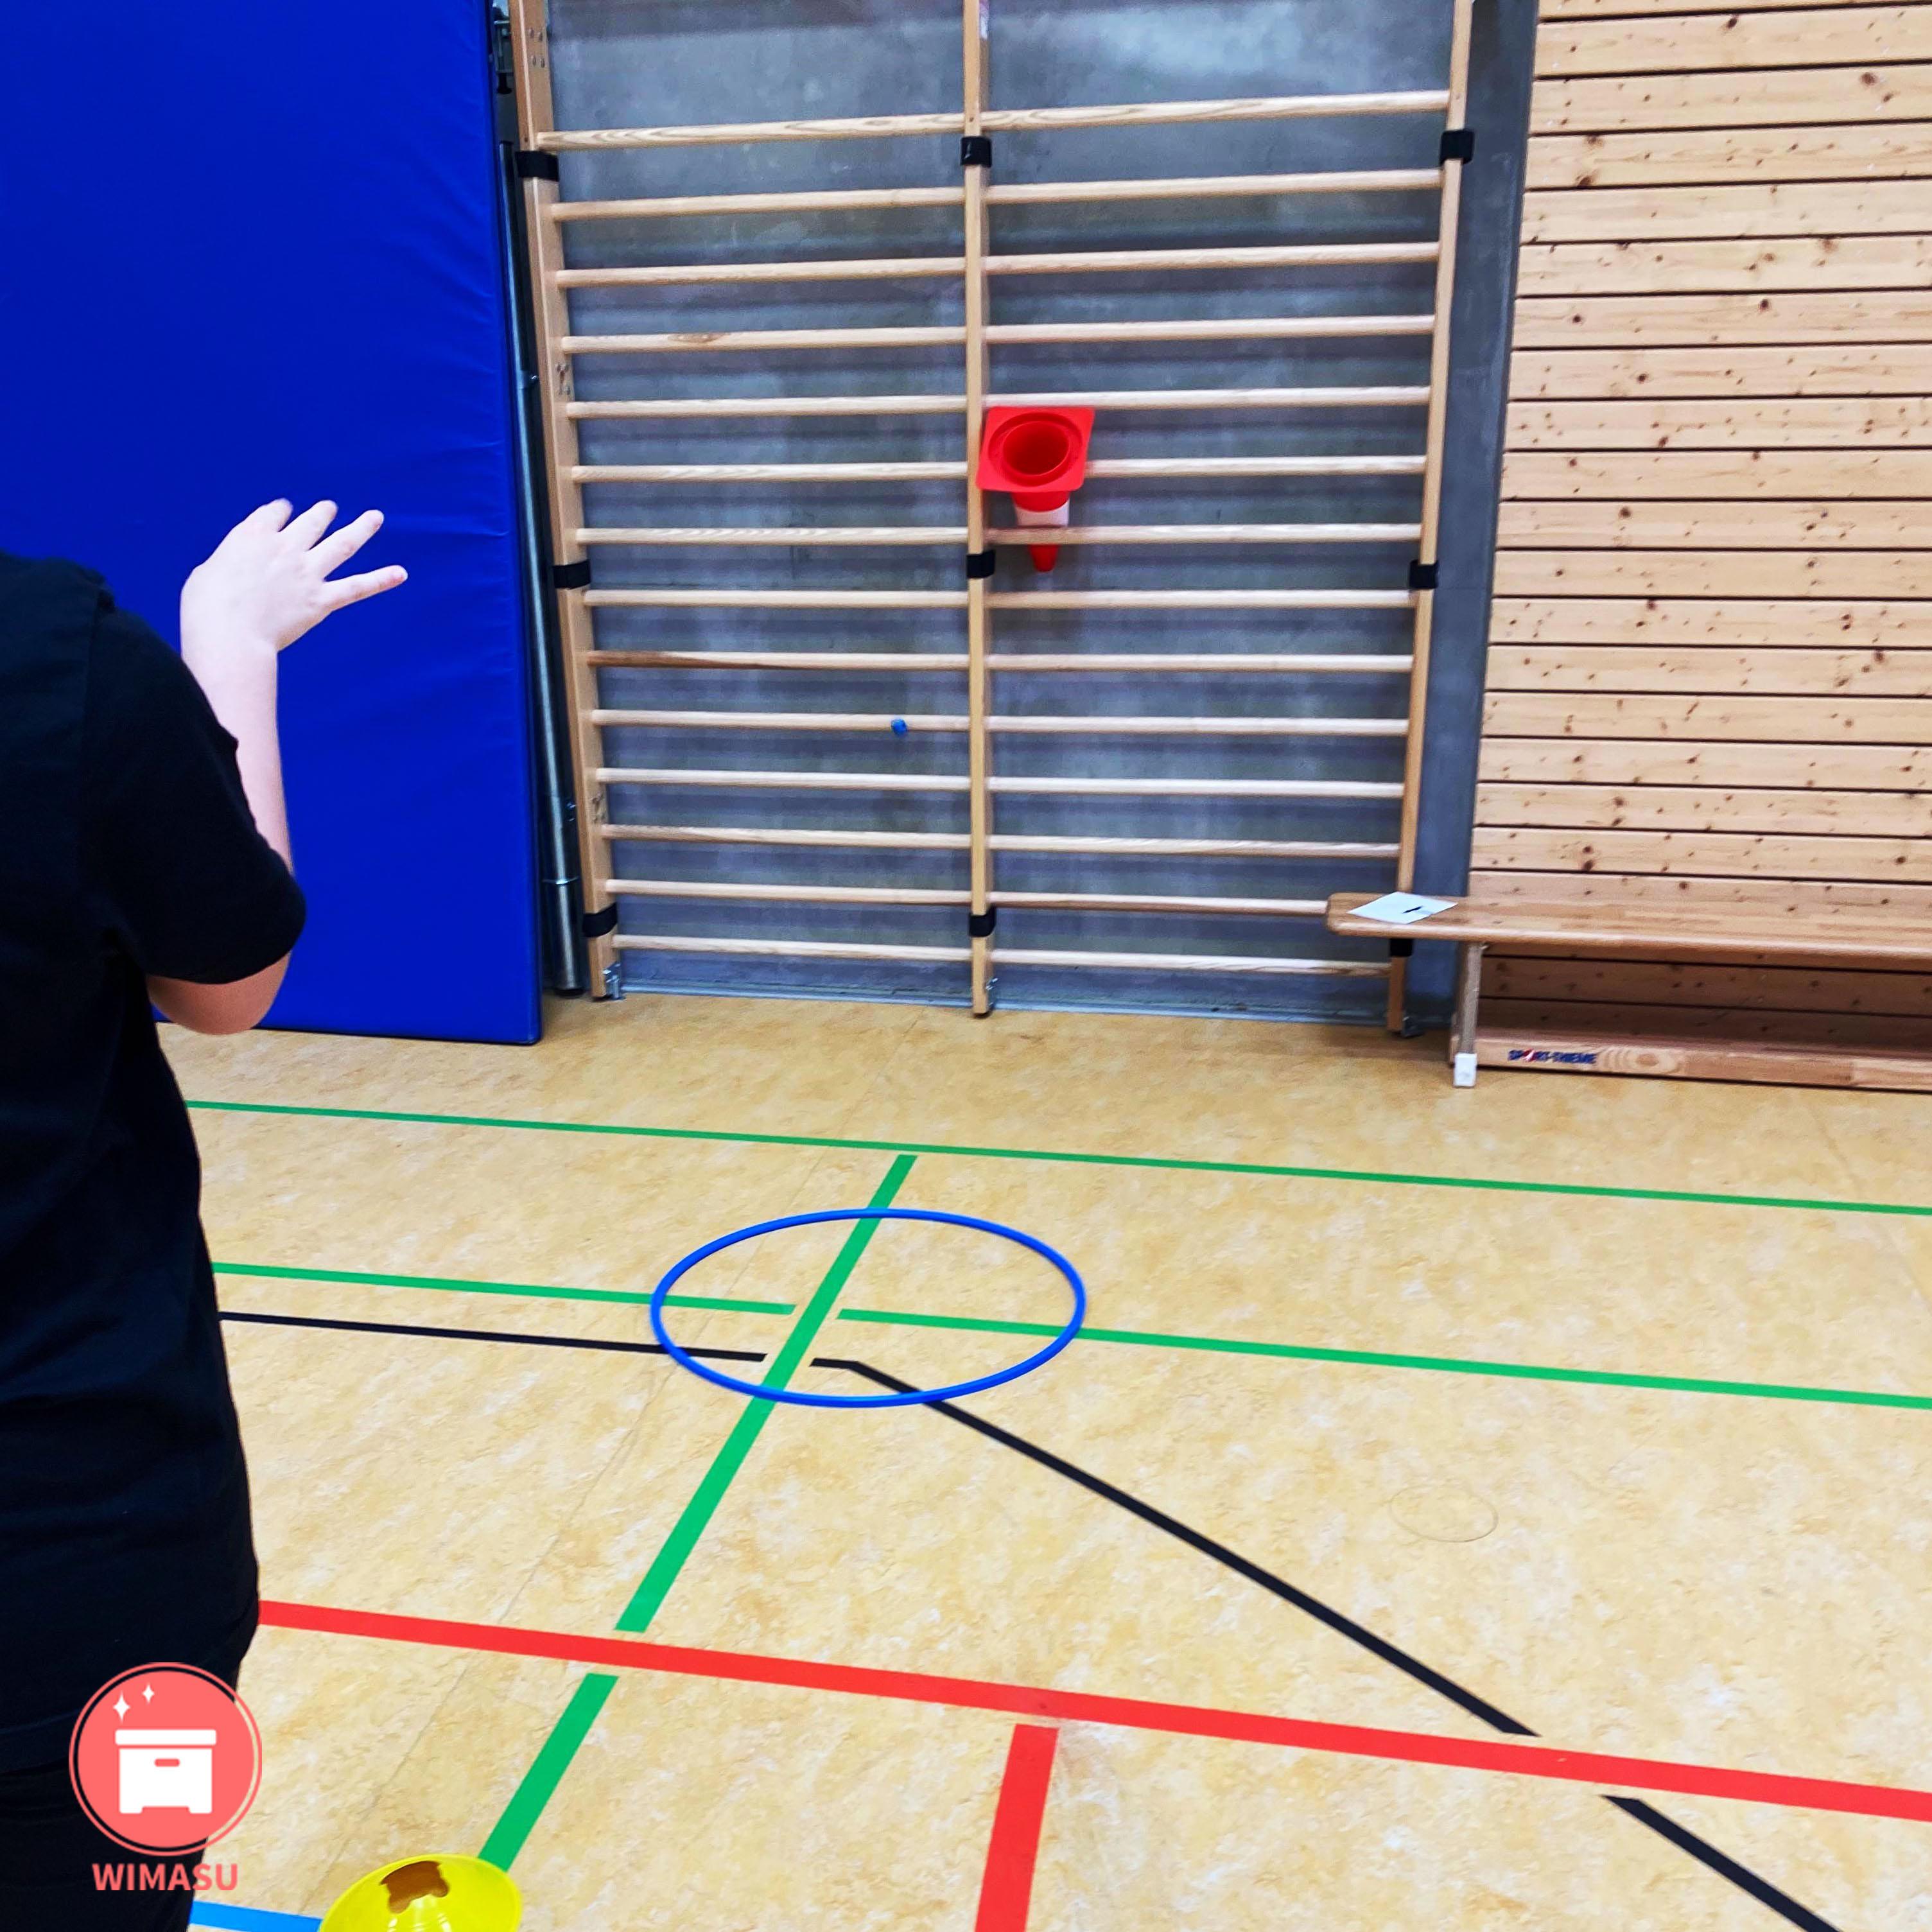 Flummis im Sportunterricht Stationskarten Wimasu 5